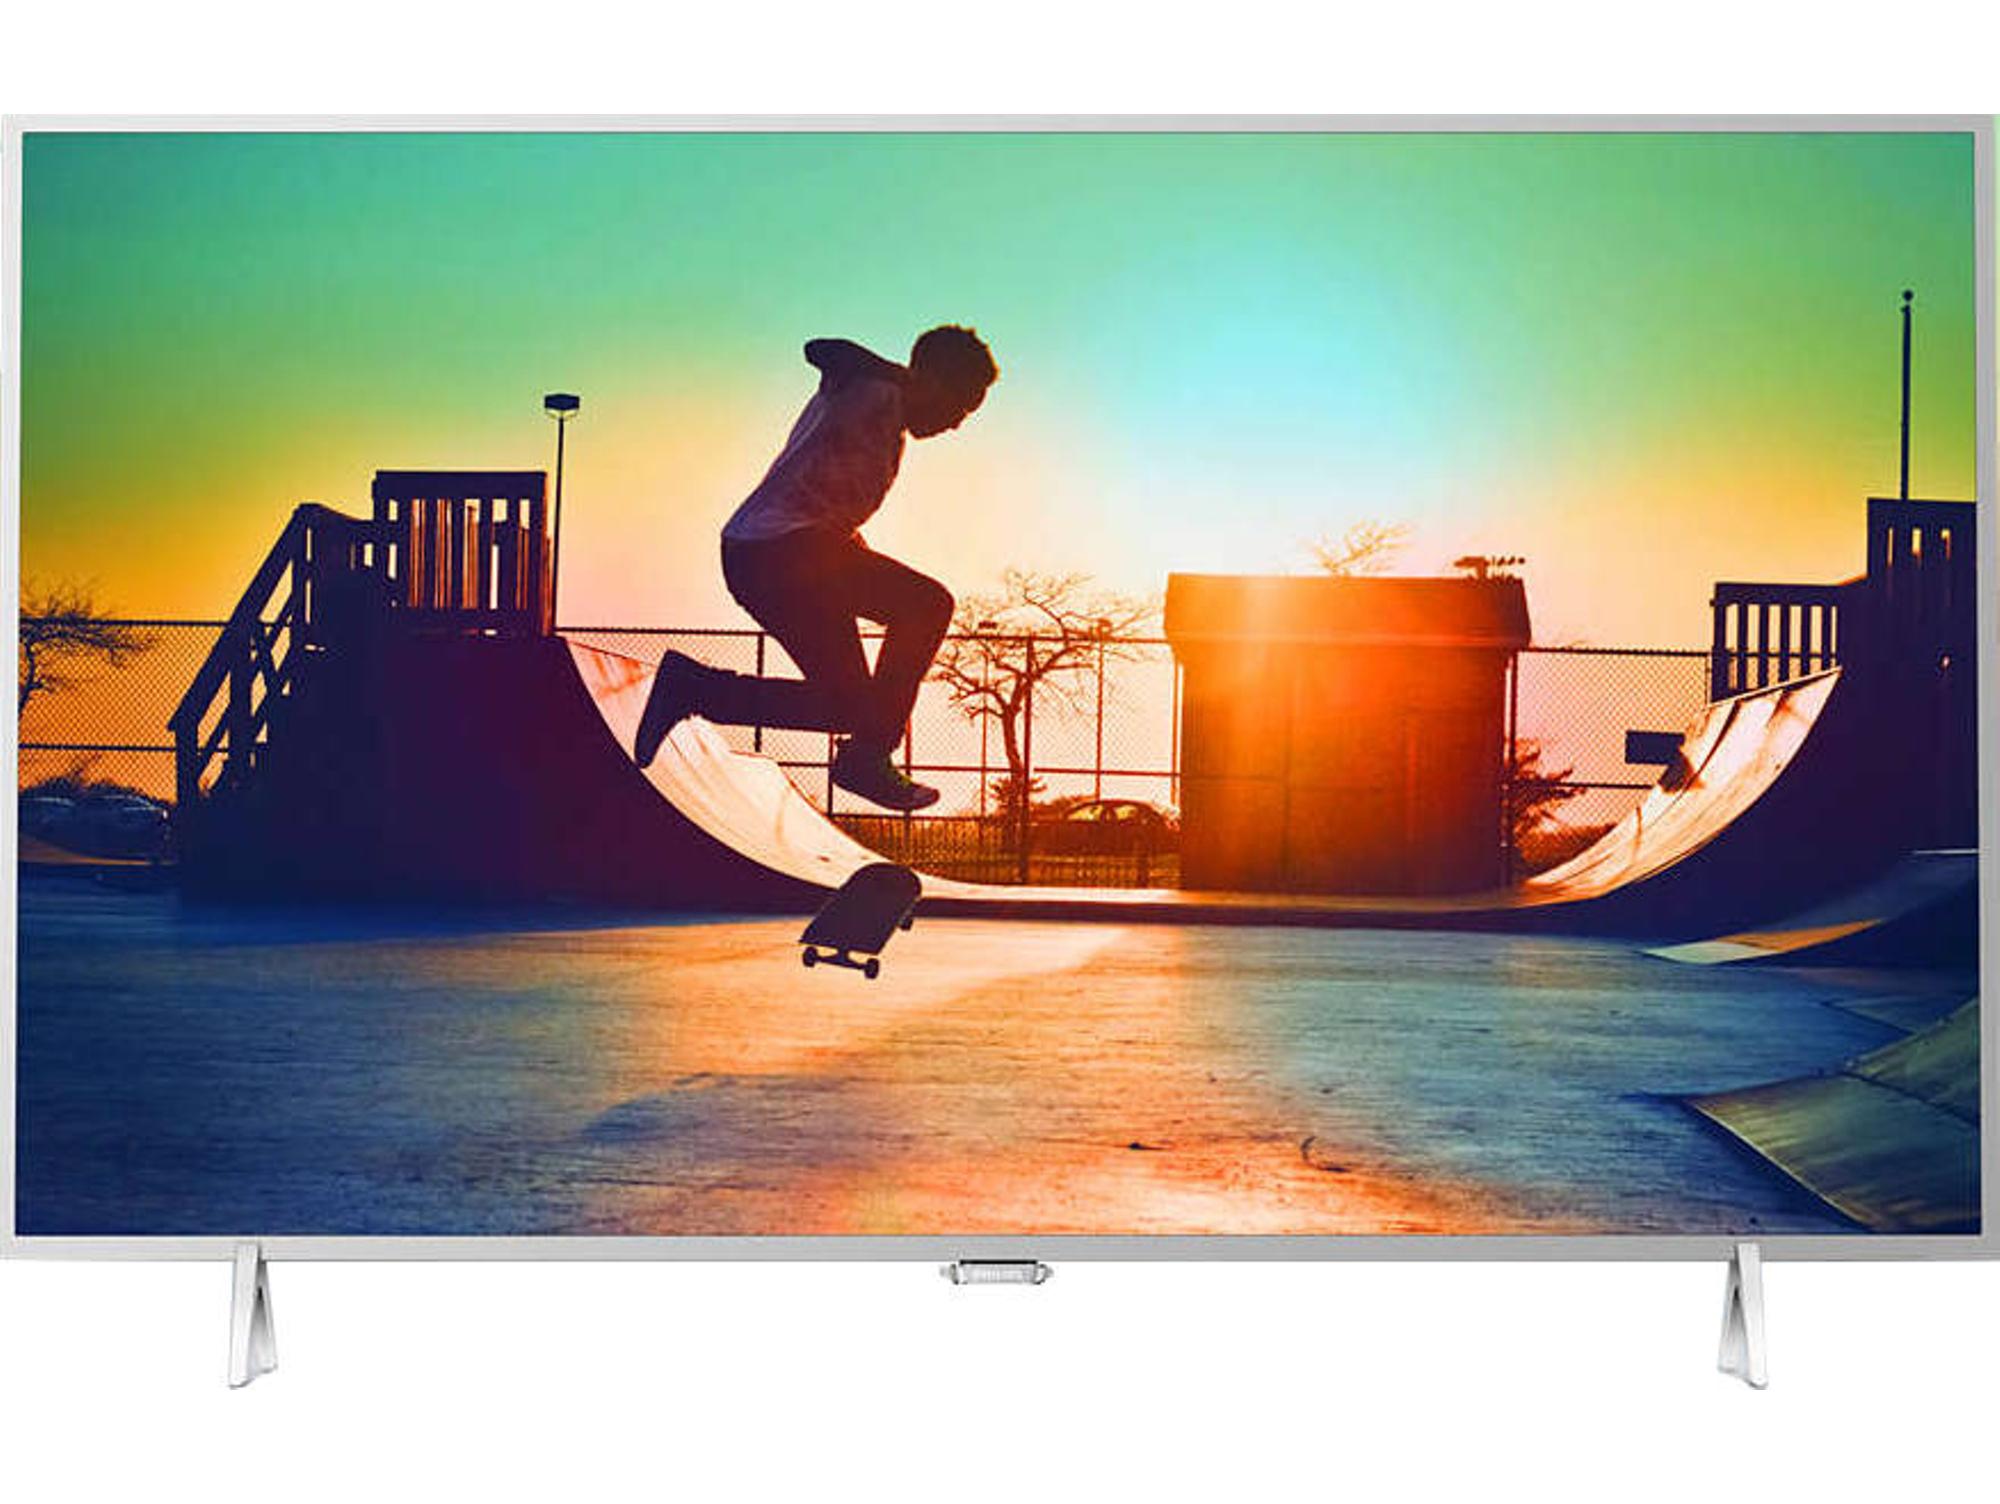 TV PHILIPS 32PFS6402/12 (LED - 32'' - 81 cm - Full HD - Smart TV) Android TV